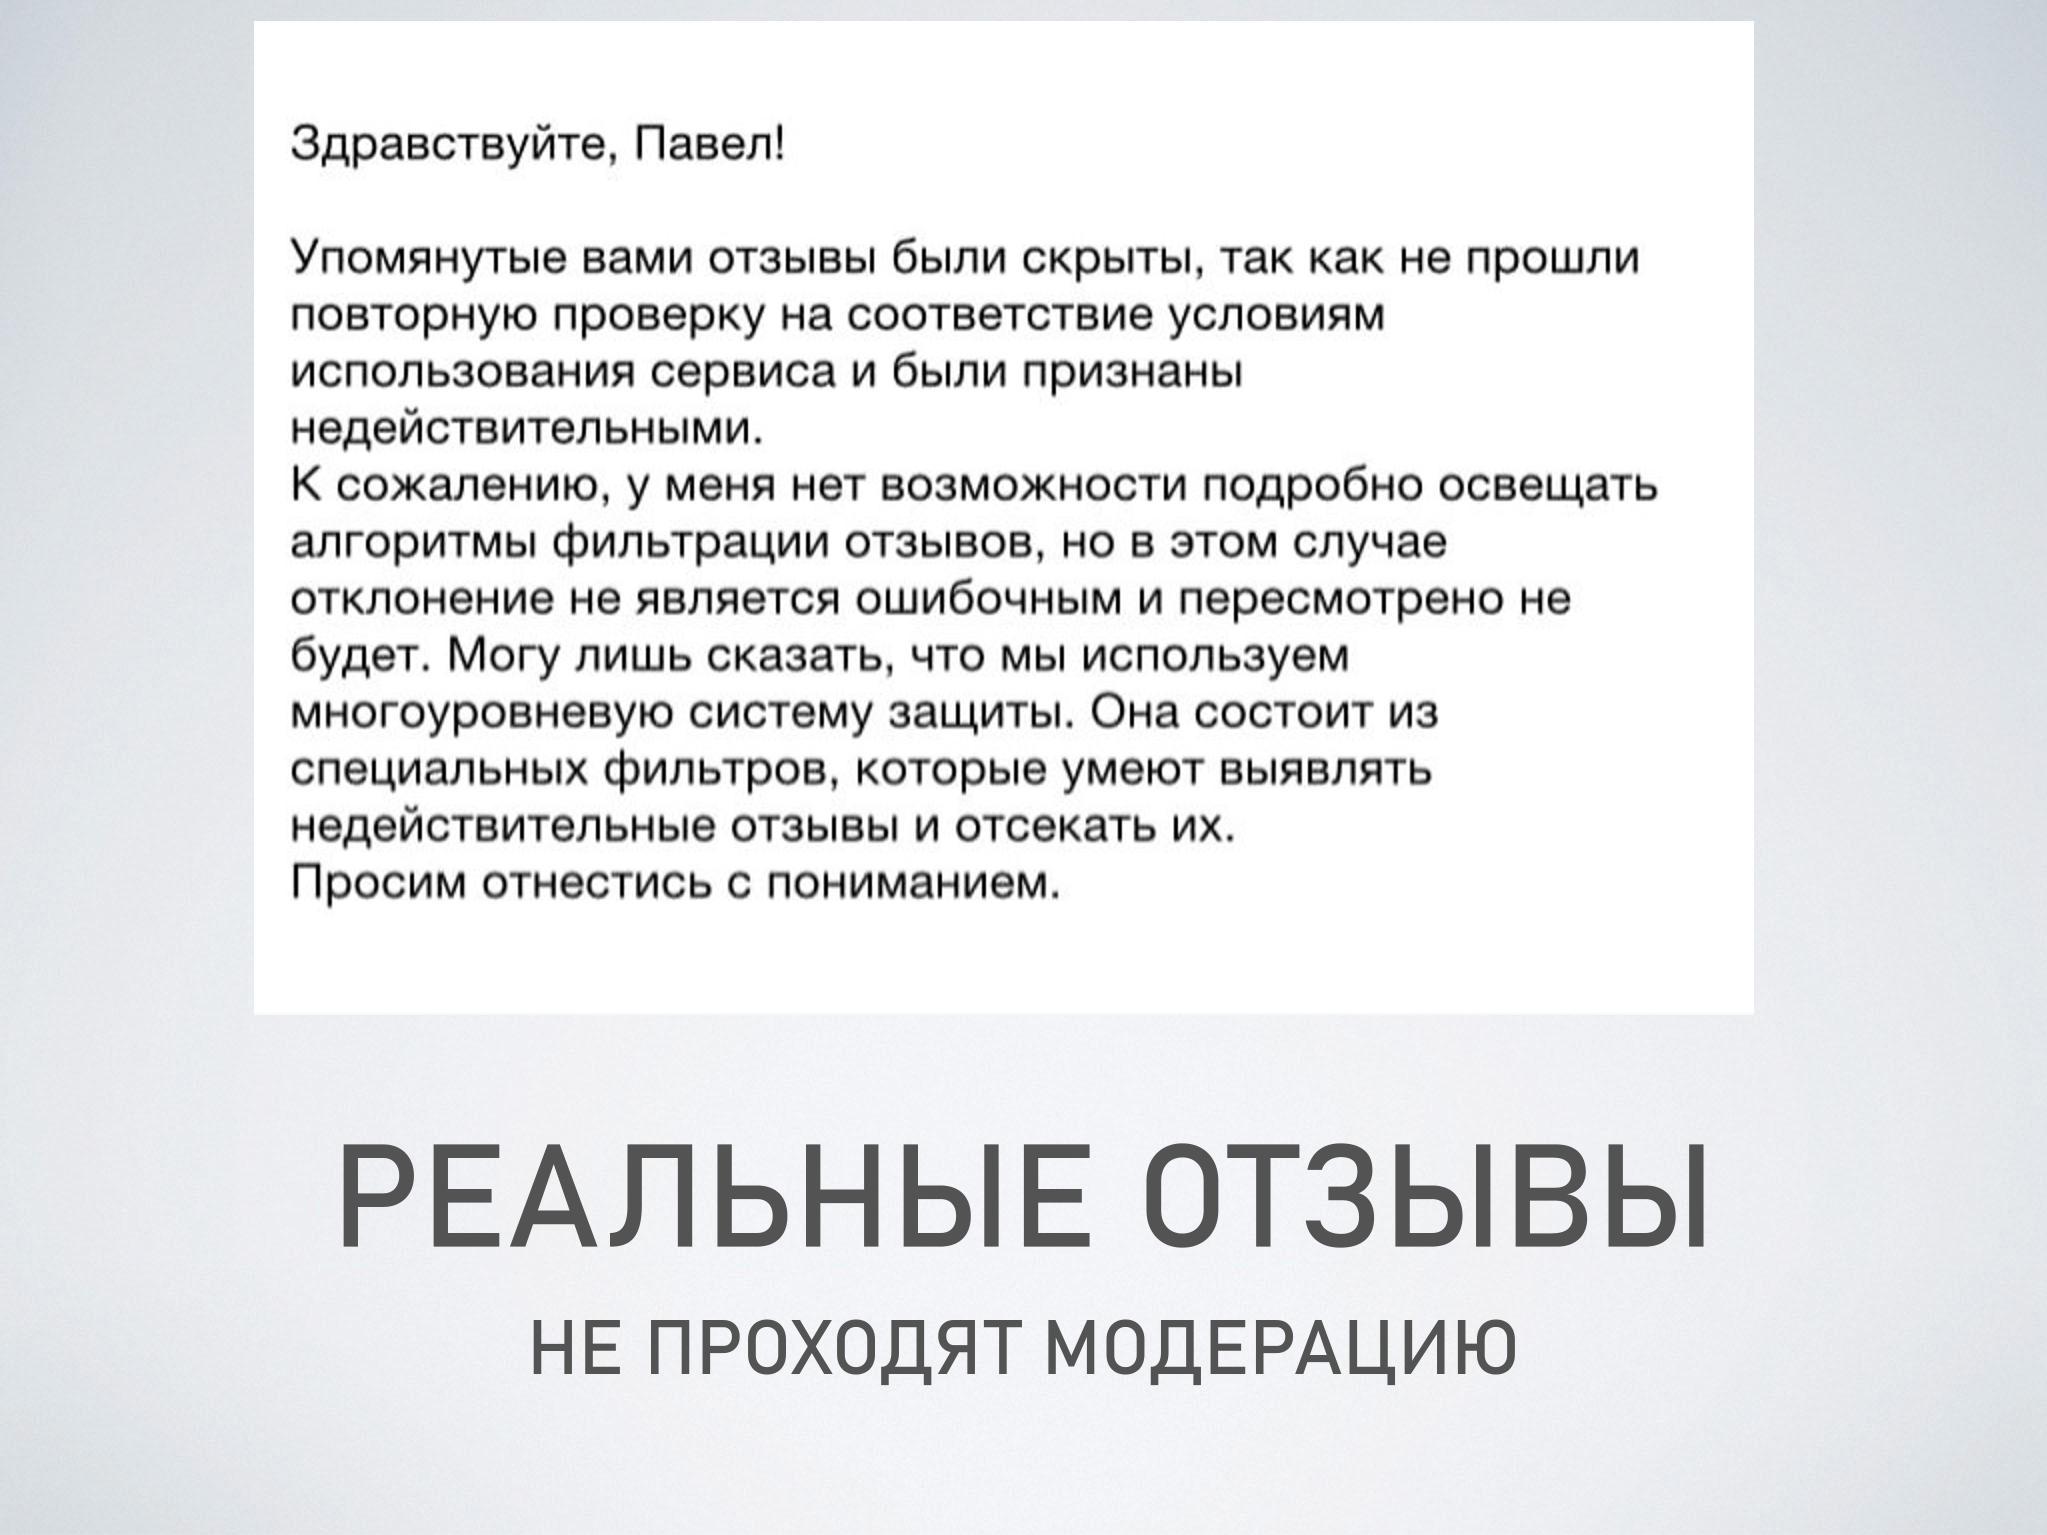 Алгоритмы Яндекса: реальные отзывы не проходят модерацию — пример